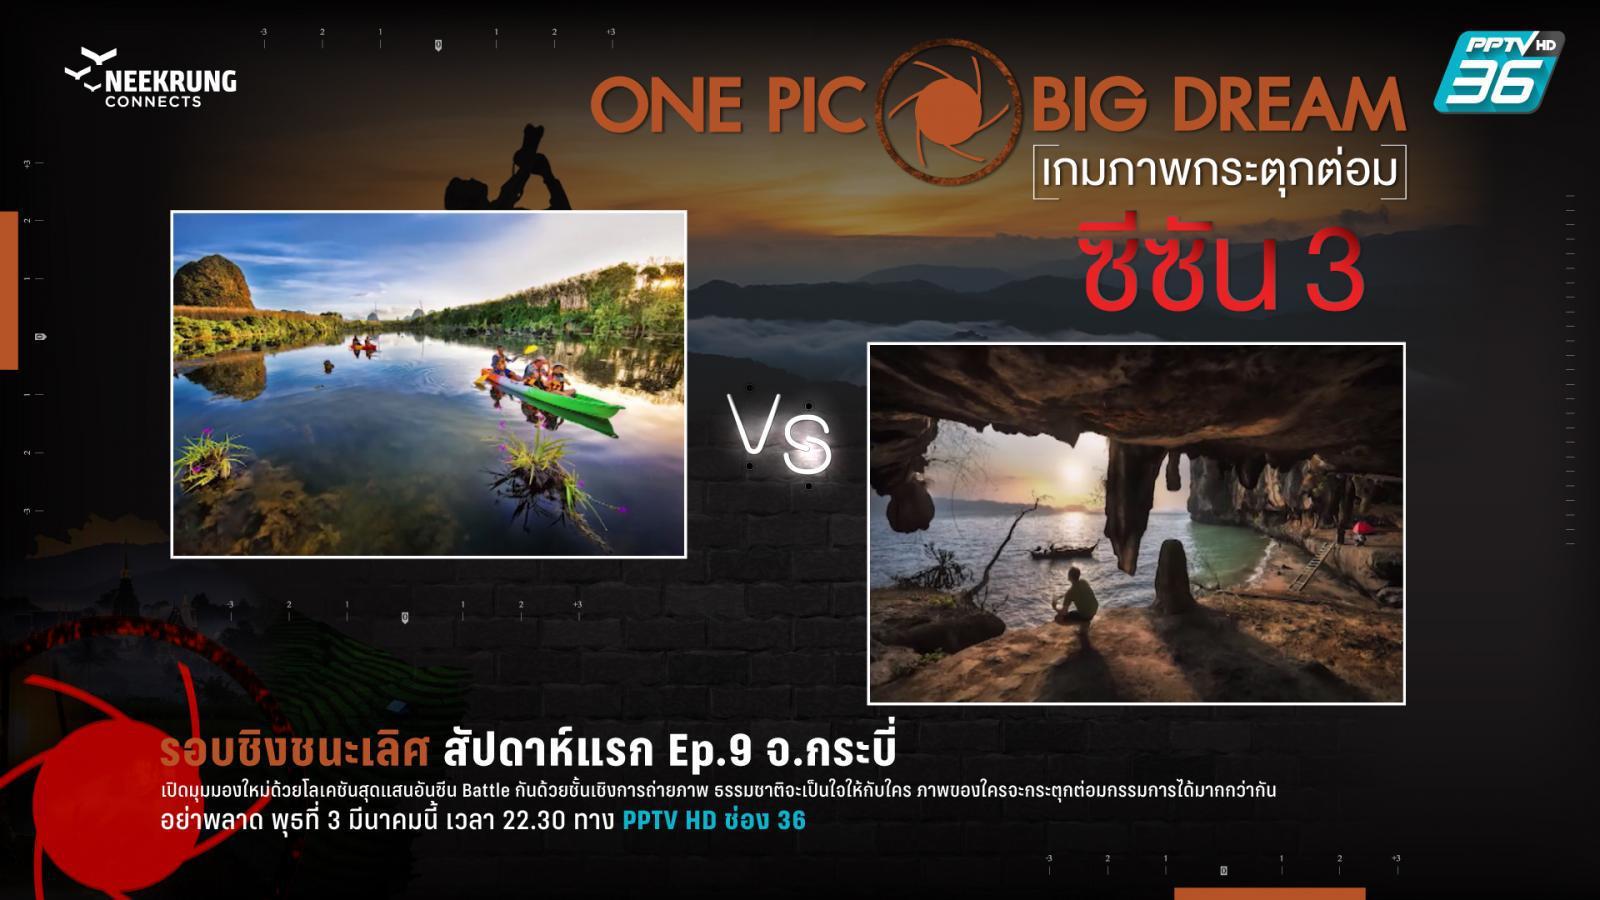 ภาพอันซีน จ.กระบี่ ที่ชนะใจกรรมการ | ONE PIC BIG DREAM เกมภาพกระตุกต่อม ซีซัน 3 EP.9